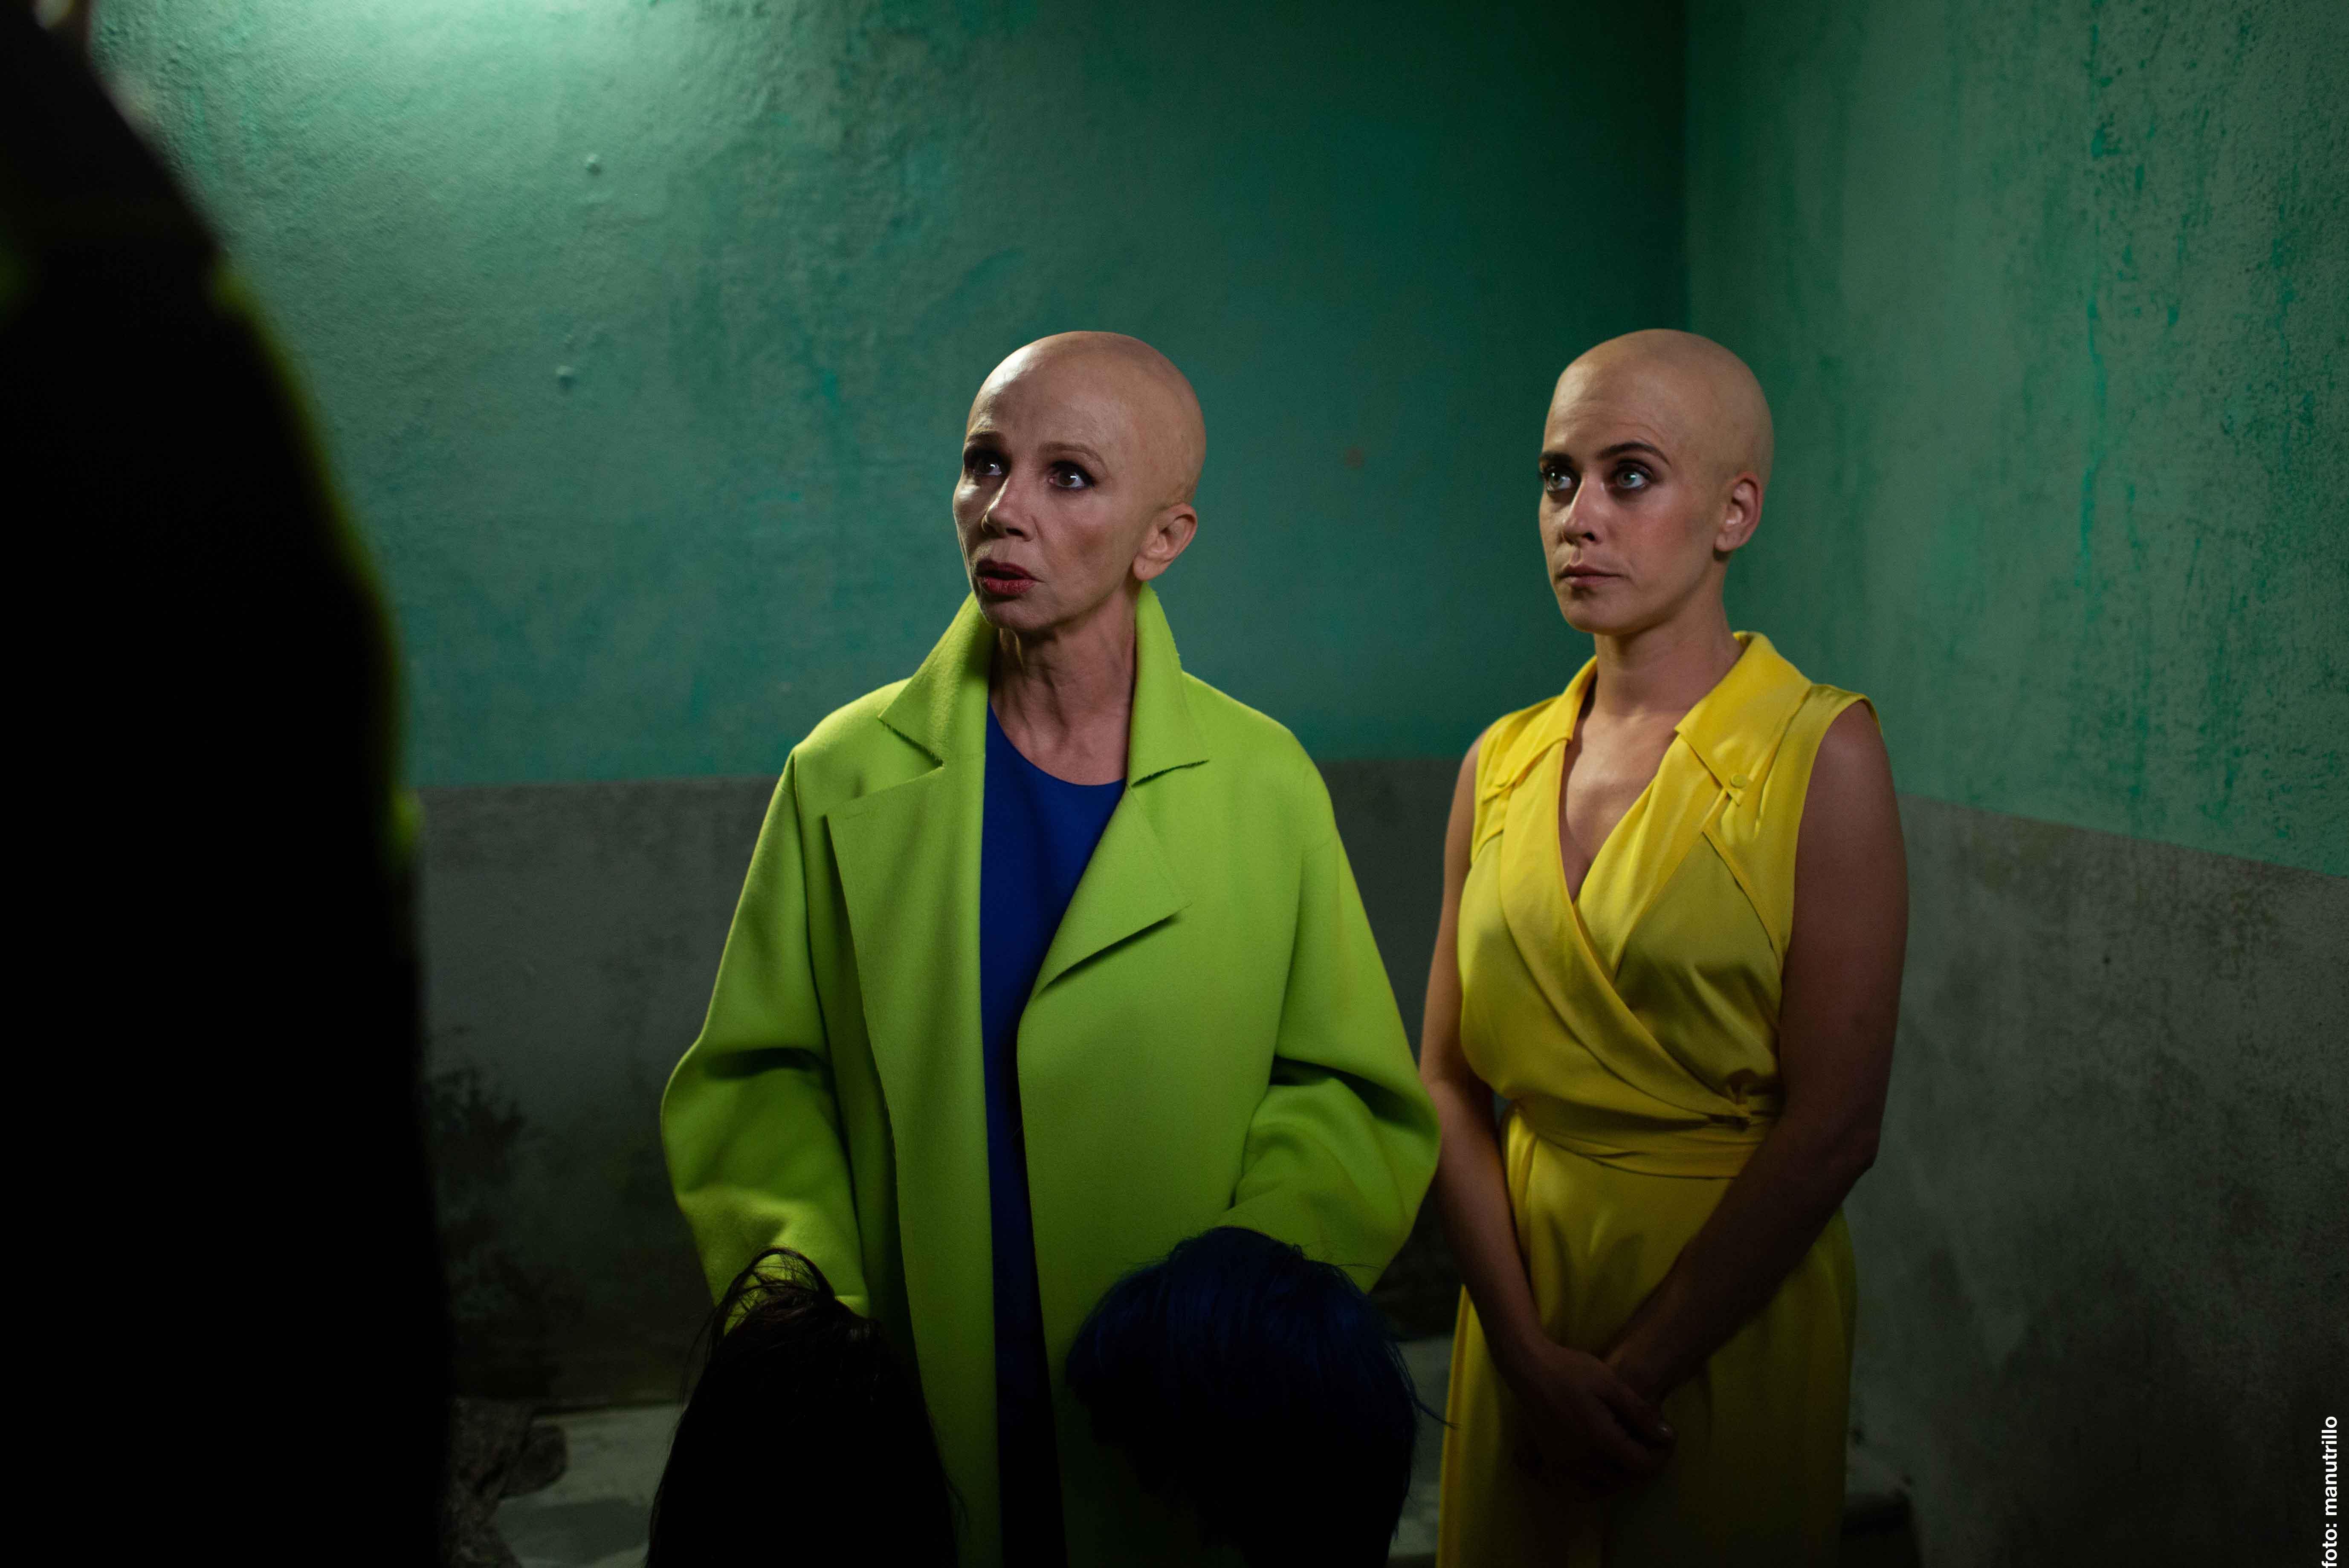 瑪麗亞・萊昂(右)此次飾演單身、獨居、生活簡單的輕熟女伊娃。她在得知自己罹癌後,在朋友的鼓勵下,決定勇敢放手一搏